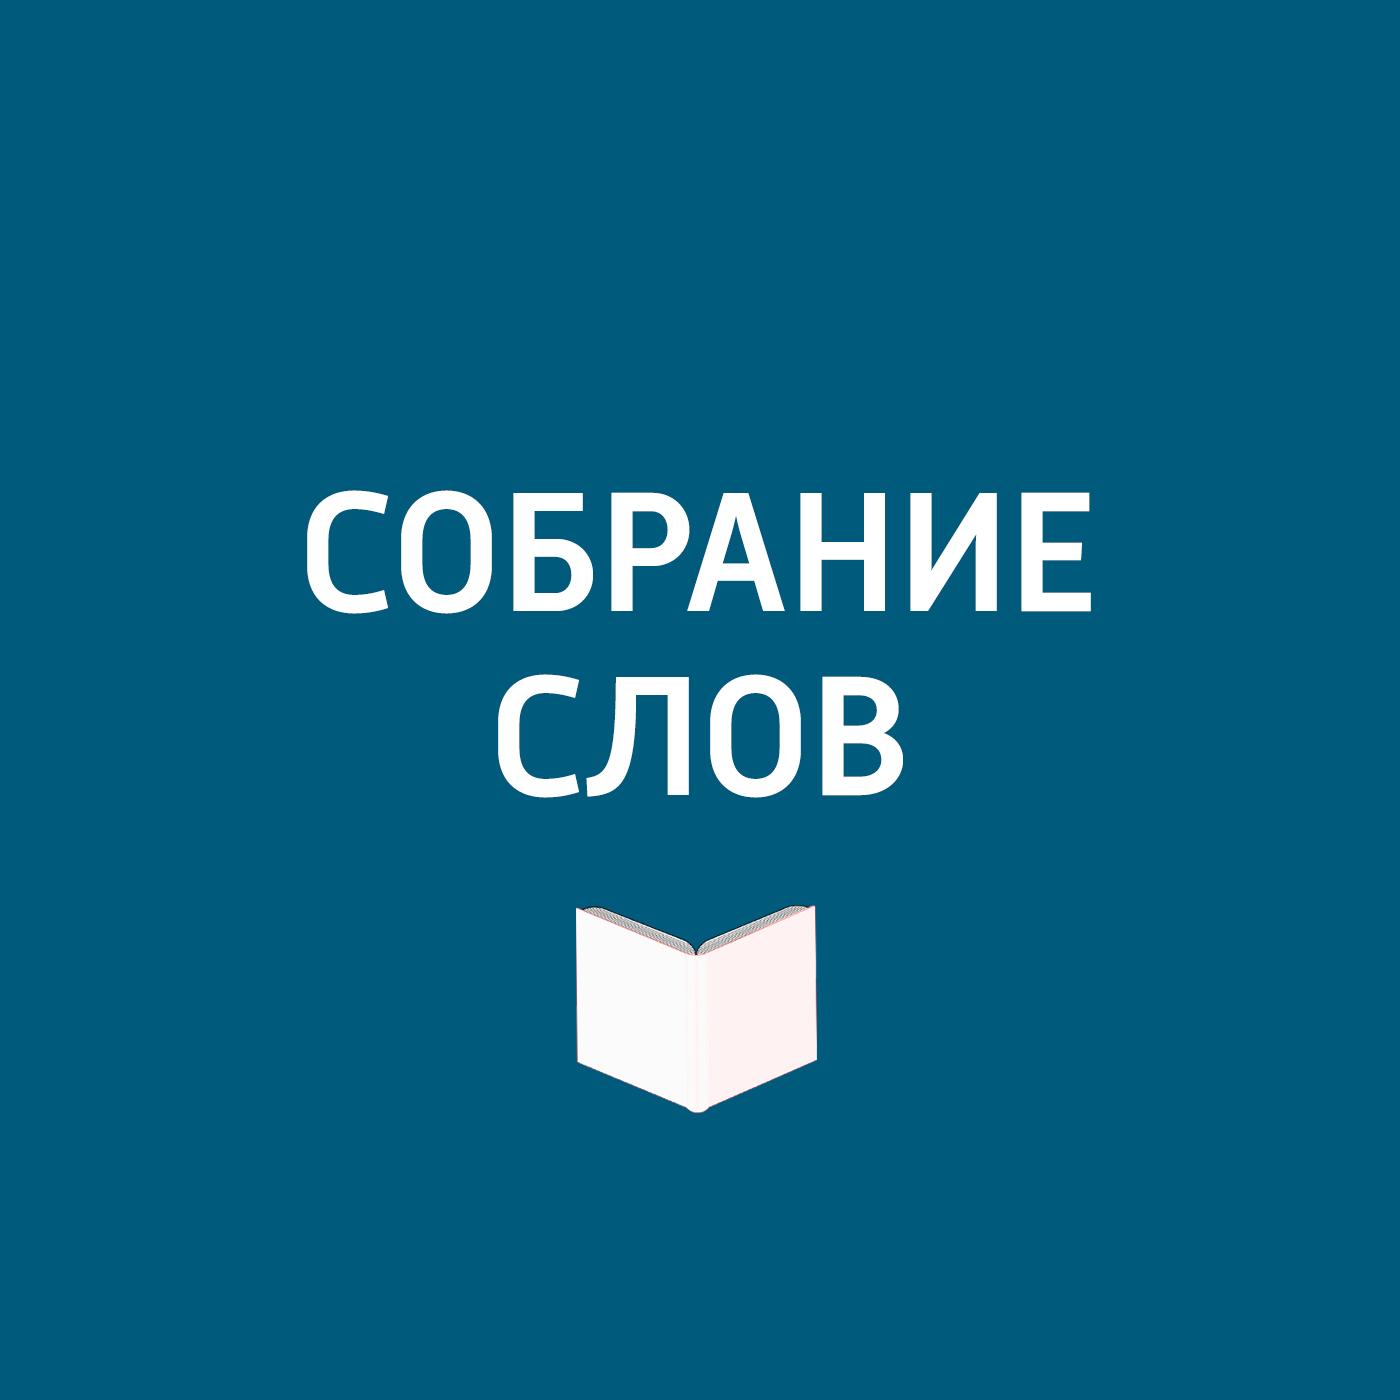 Творческий коллектив программы «Собрание слов» 23 февраля – 140 лет со дня рождения Казимира Малевича